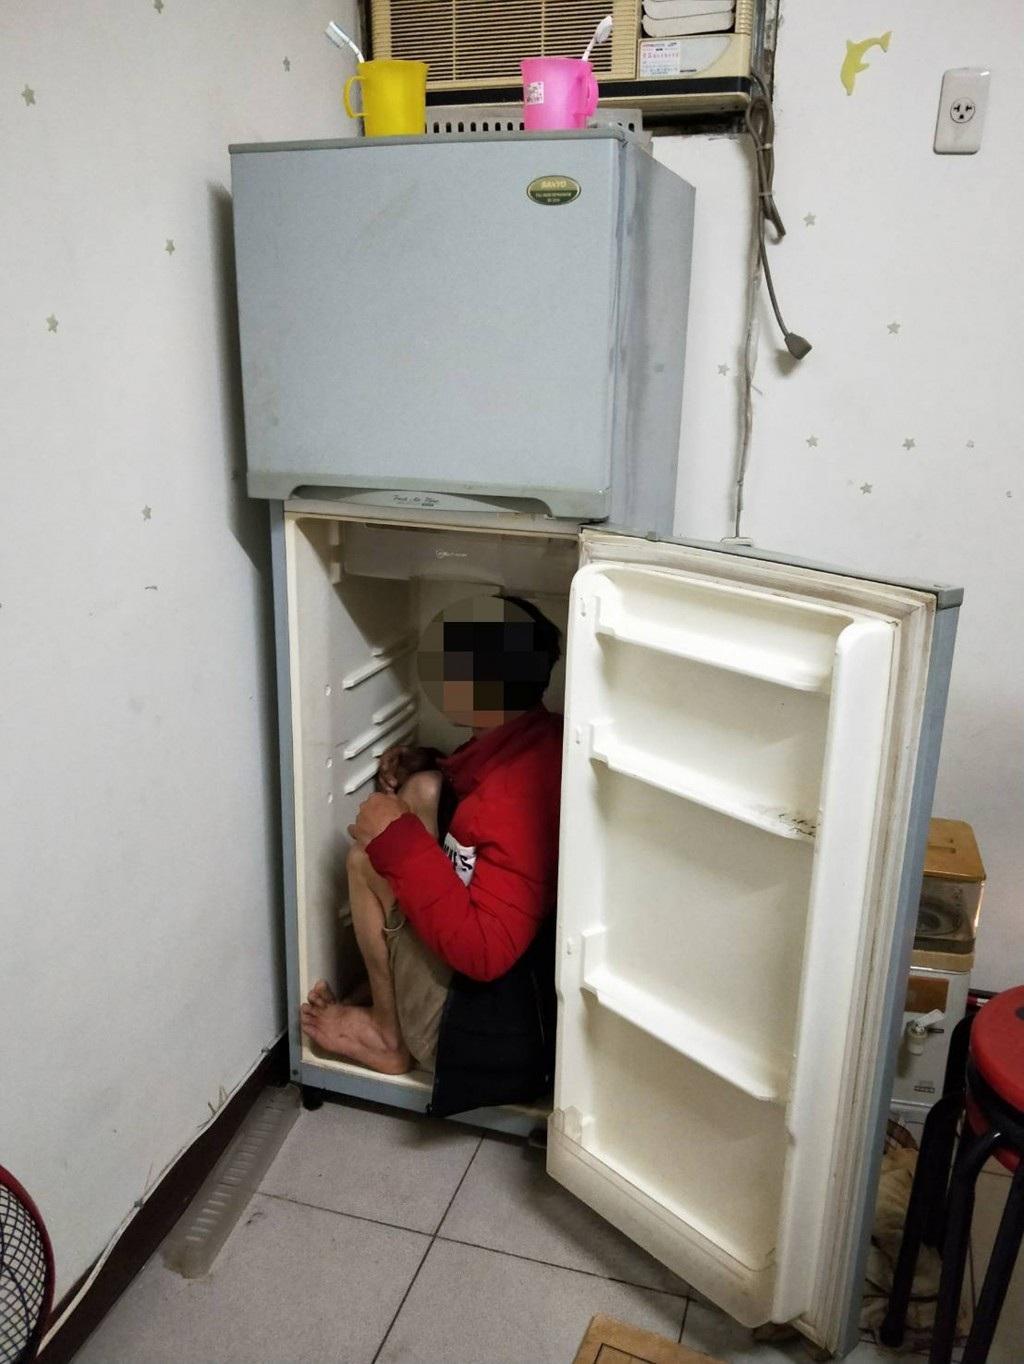 Đài Loan bắt người Việt trốn trong tủ lạnh - Ảnh 1.